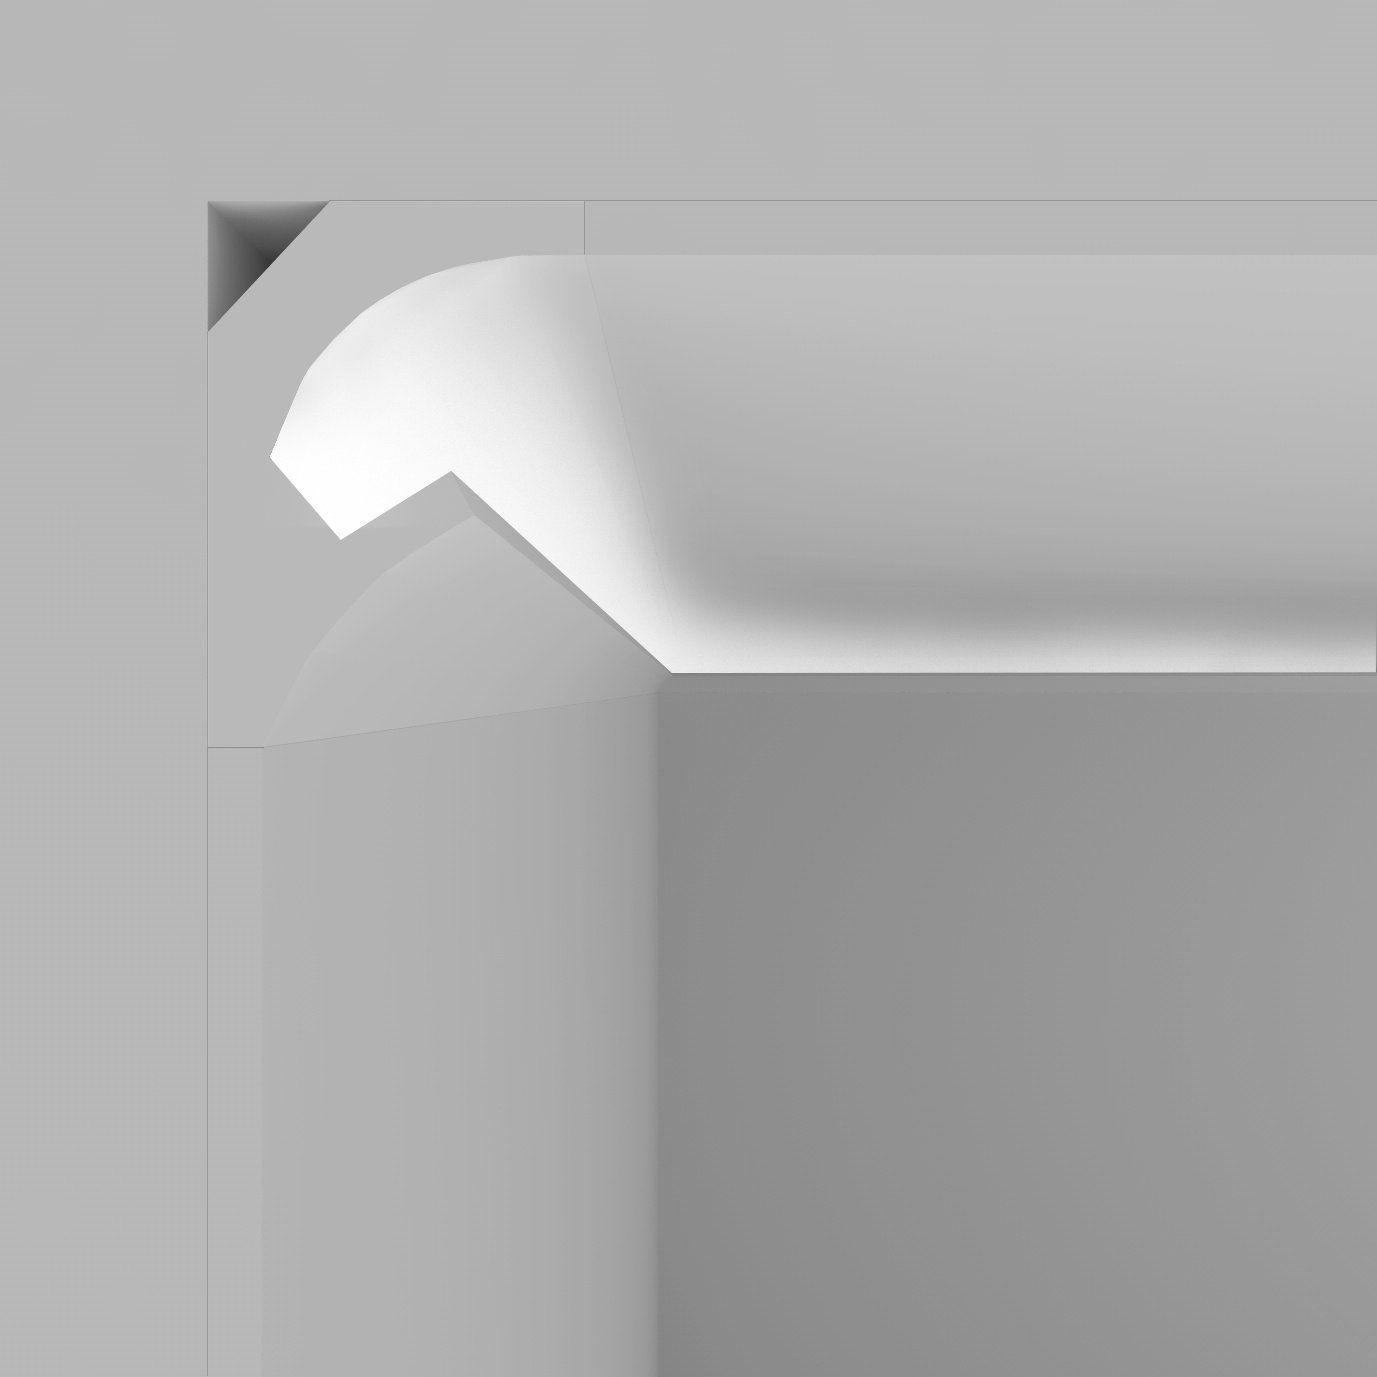 Eleni Lighting El200 Velette Led Incasso Cartongesso Soffitto Nel 2020 Illuminazione Controsoffitto Plafoniere Cucina Illuminazione Led Soffitto